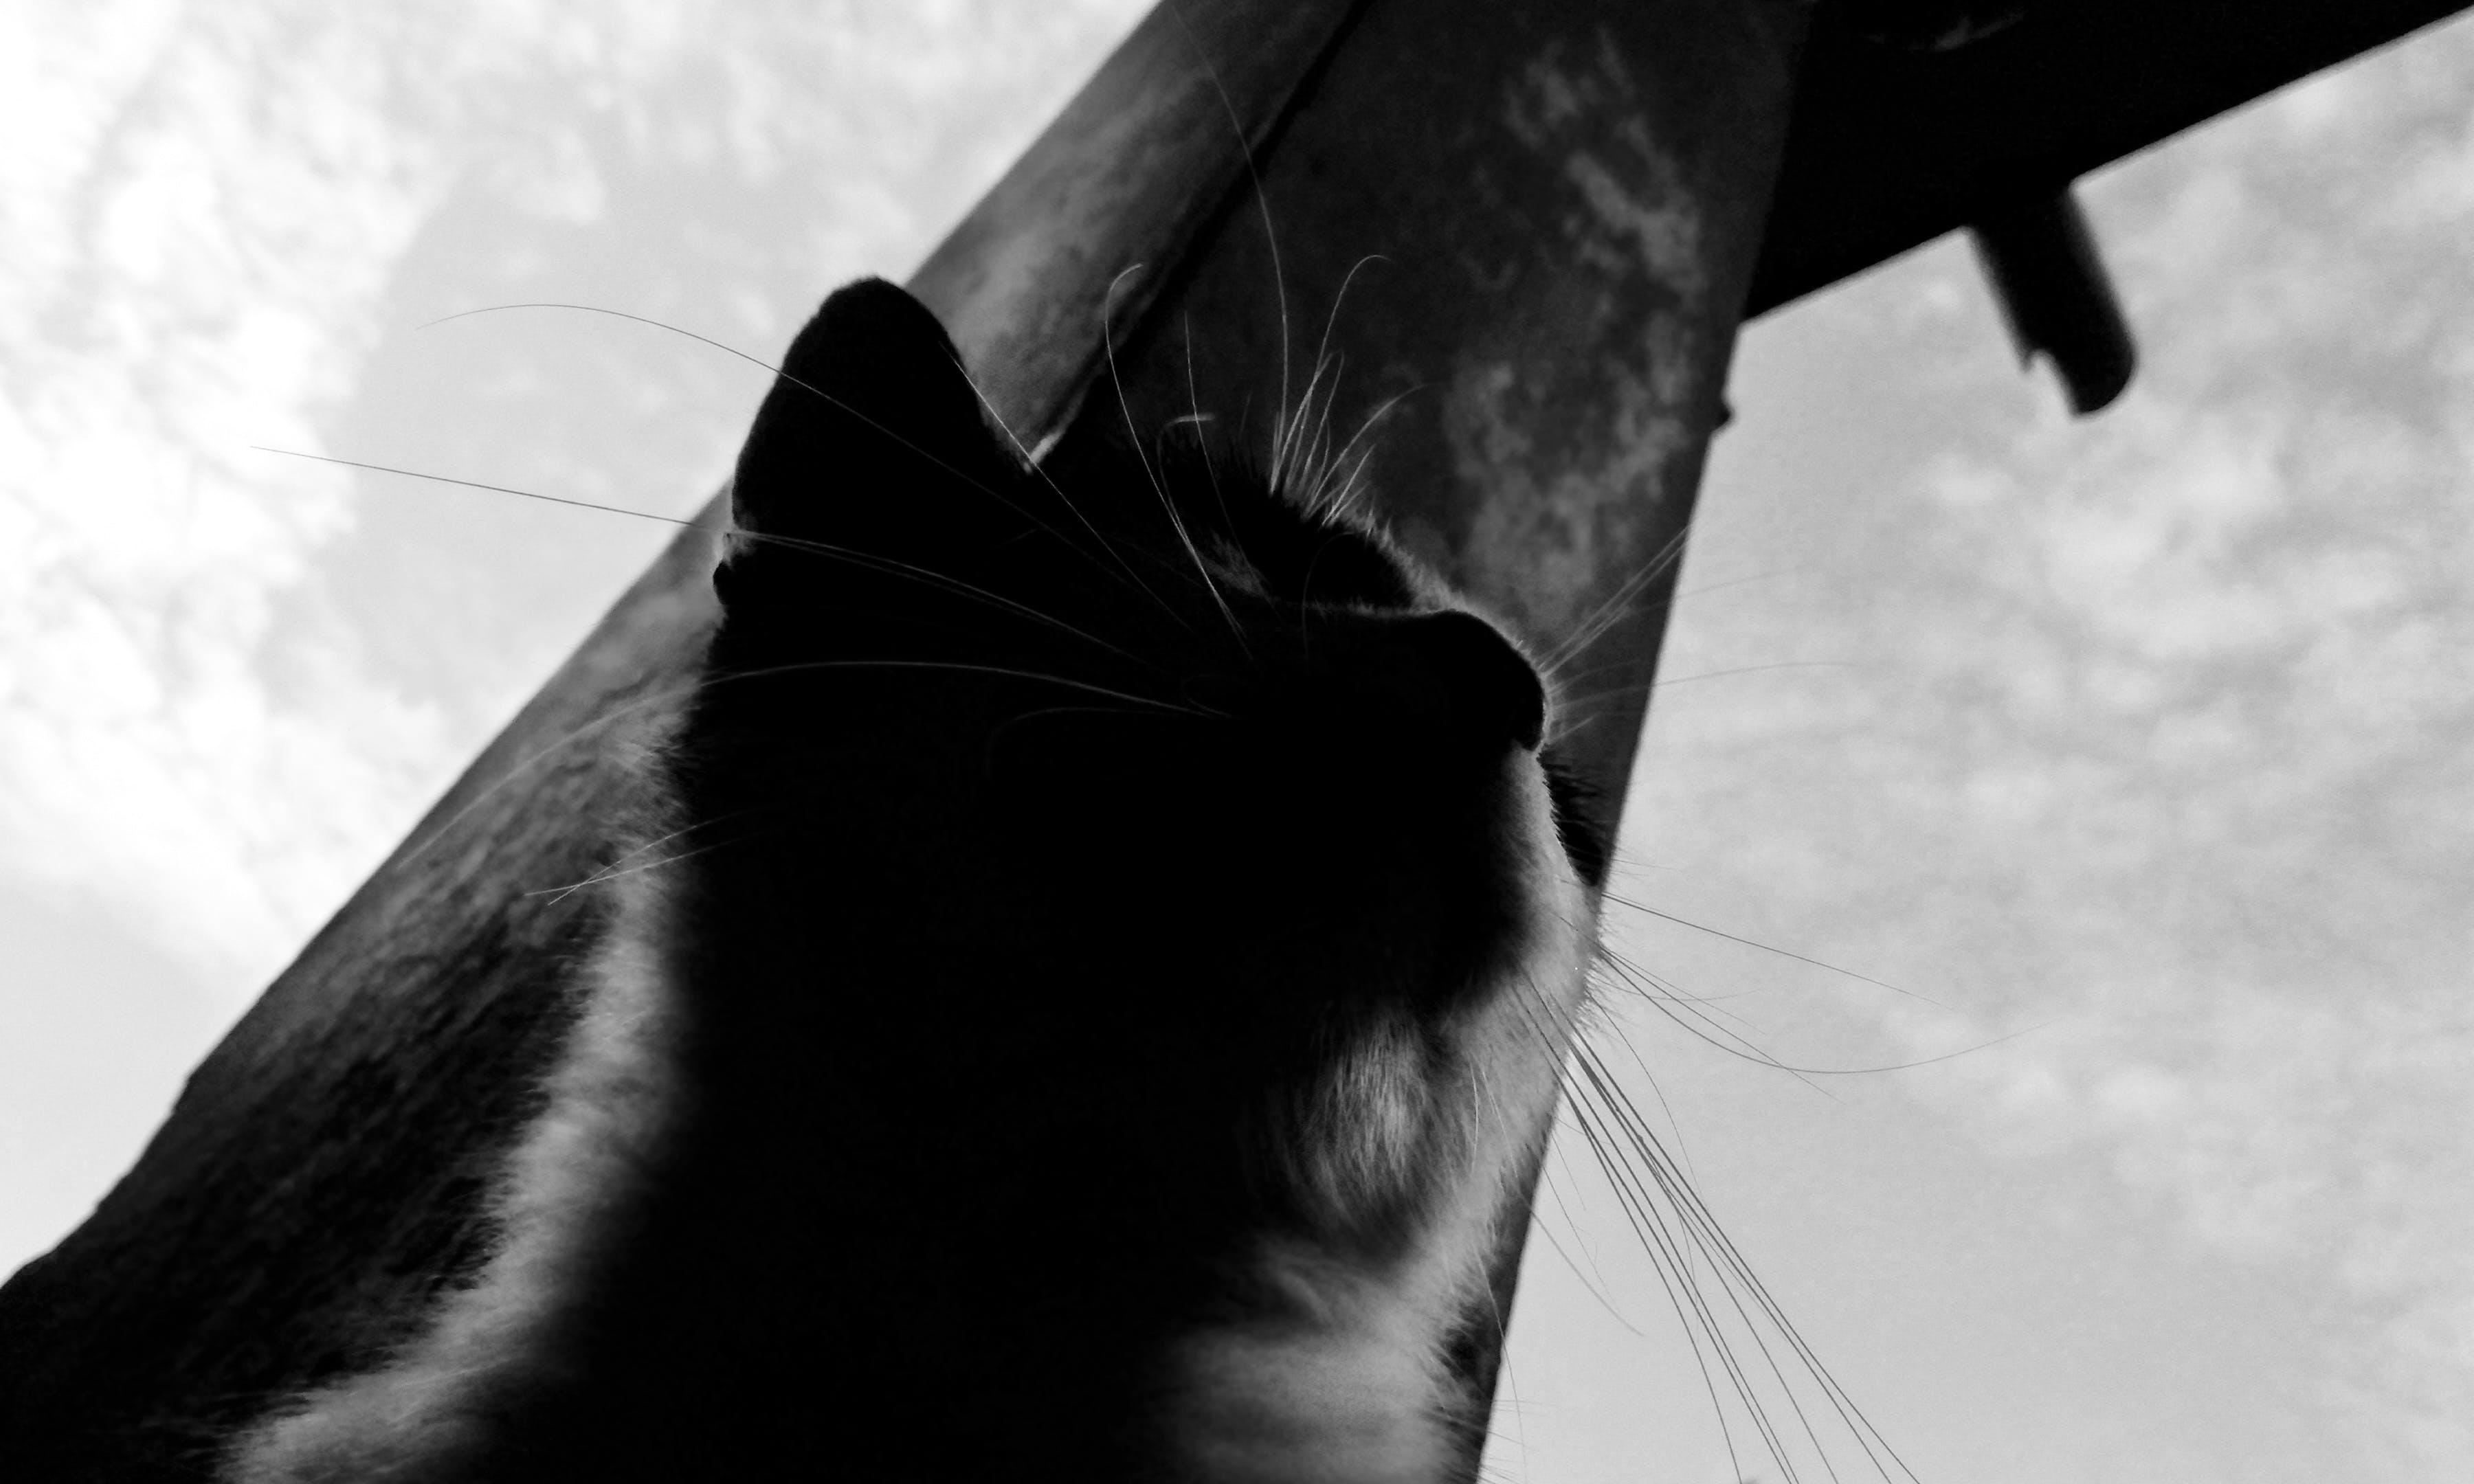 Δωρεάν στοκ φωτογραφιών με ασπρόμαυρο, Γάτα, πρόσωπο γάτας